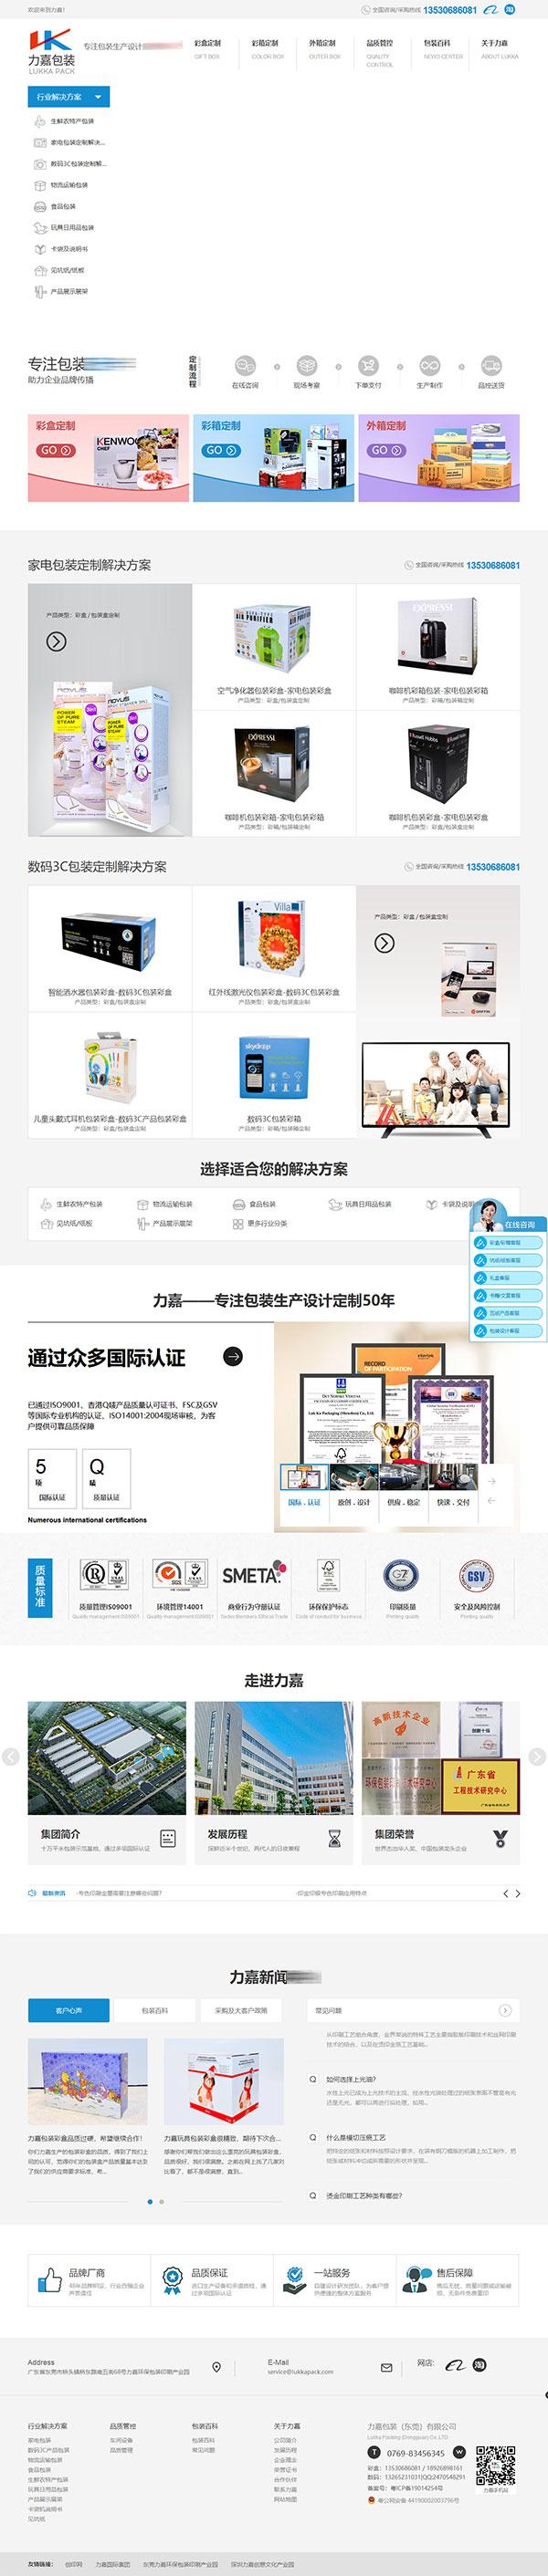 力嘉包装营销型网站案例展示